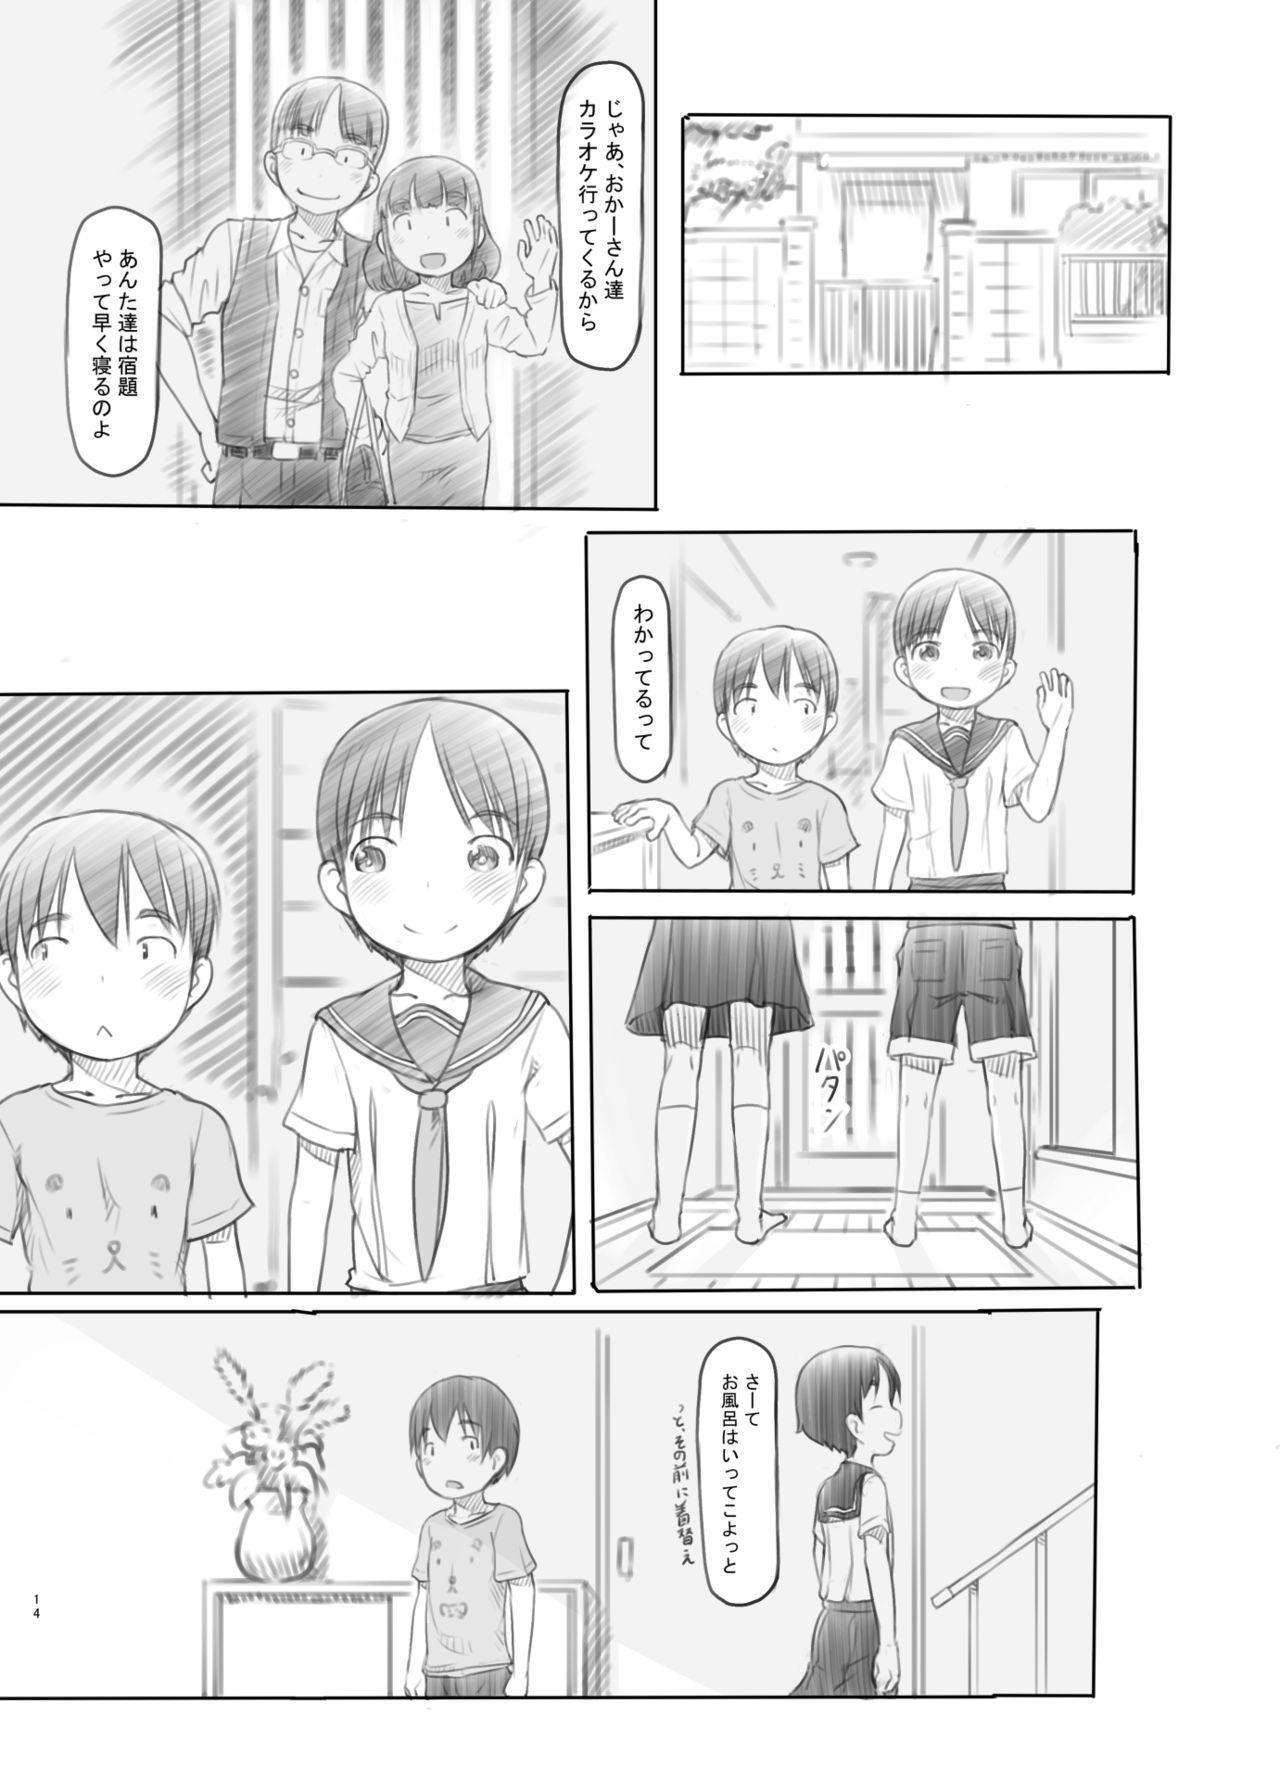 Sei ni Kyoumi ga Detekita Otouto ni Jikan Teishi Appli o Ataete Mita 12